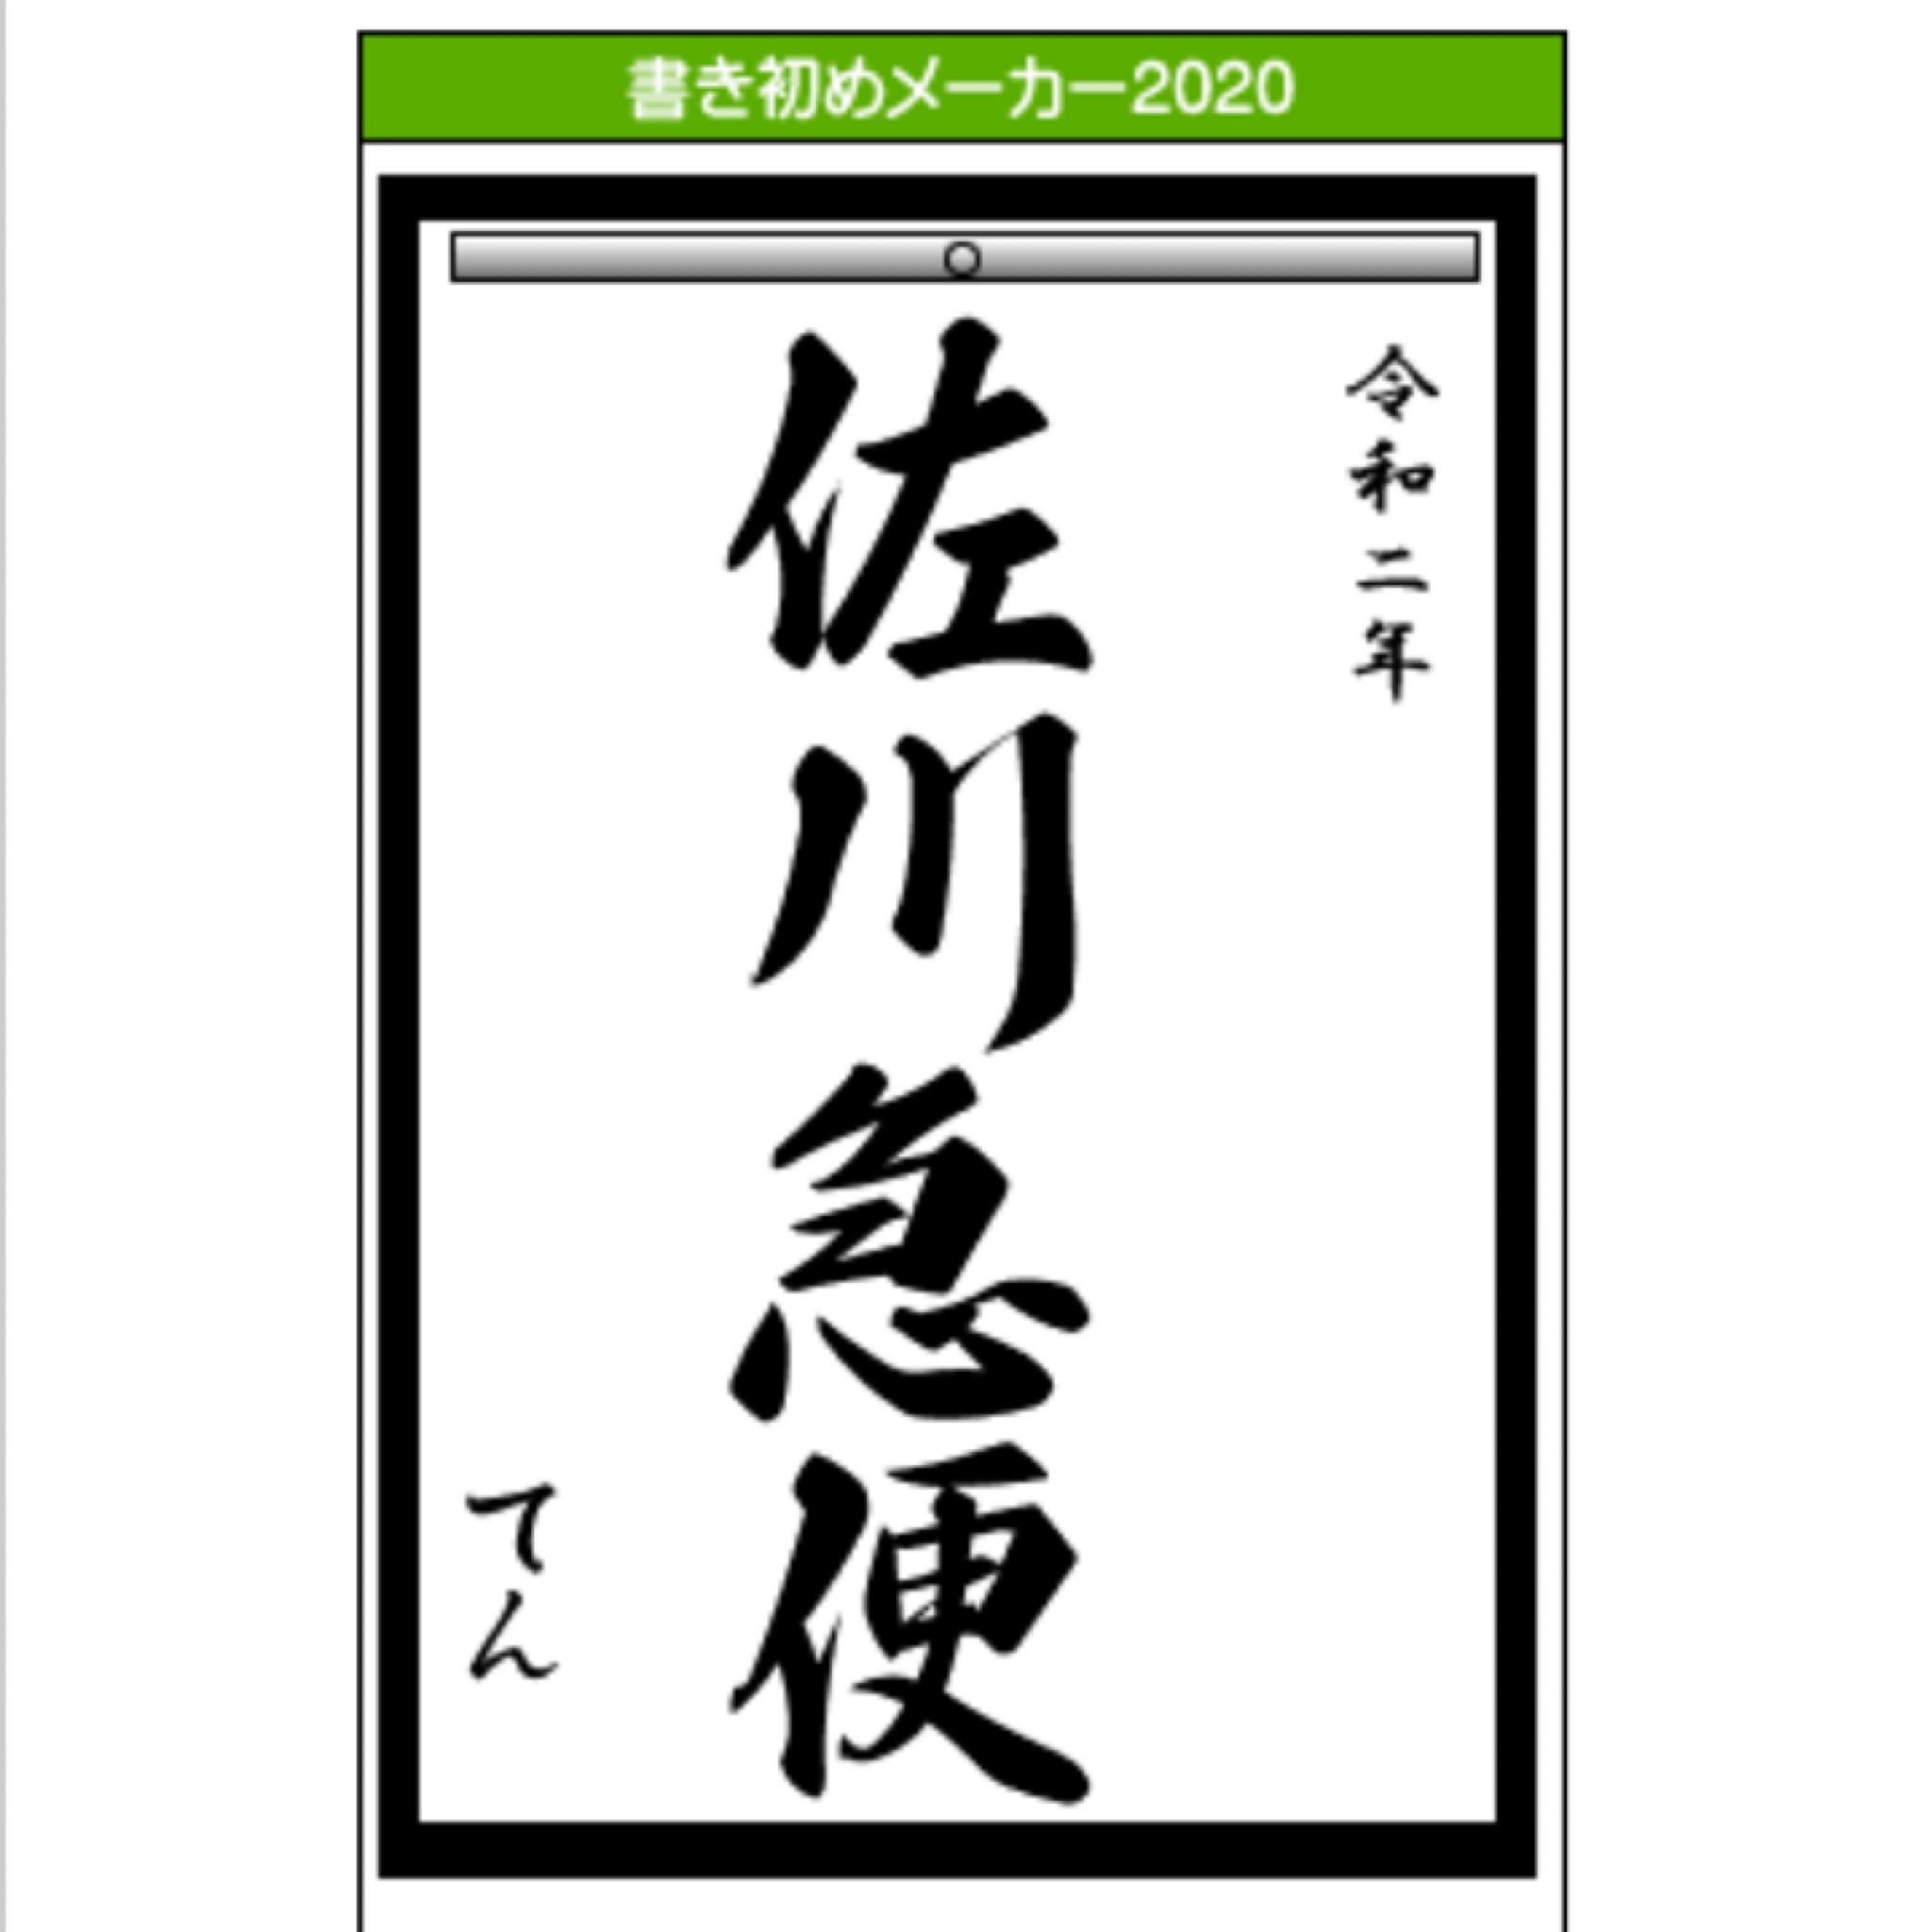 202001021908564b1.jpeg